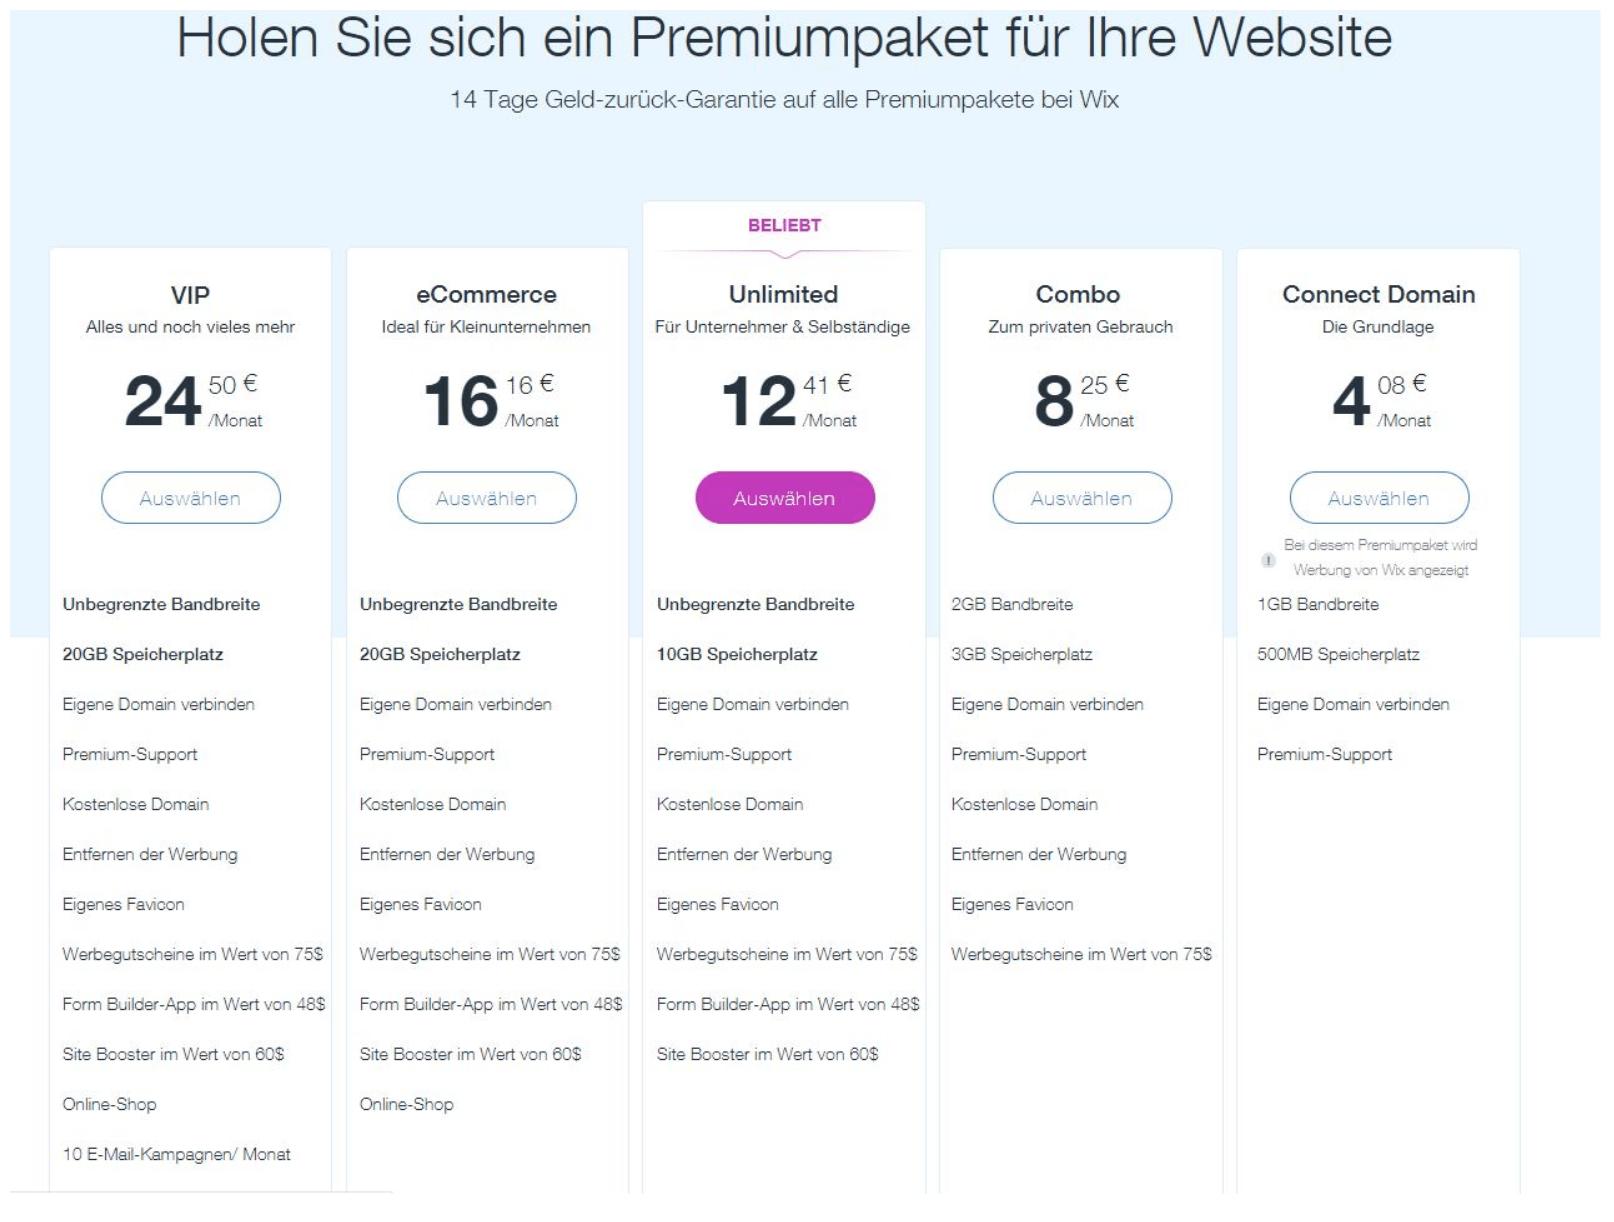 Homepage Baukasten von Wix - Preise